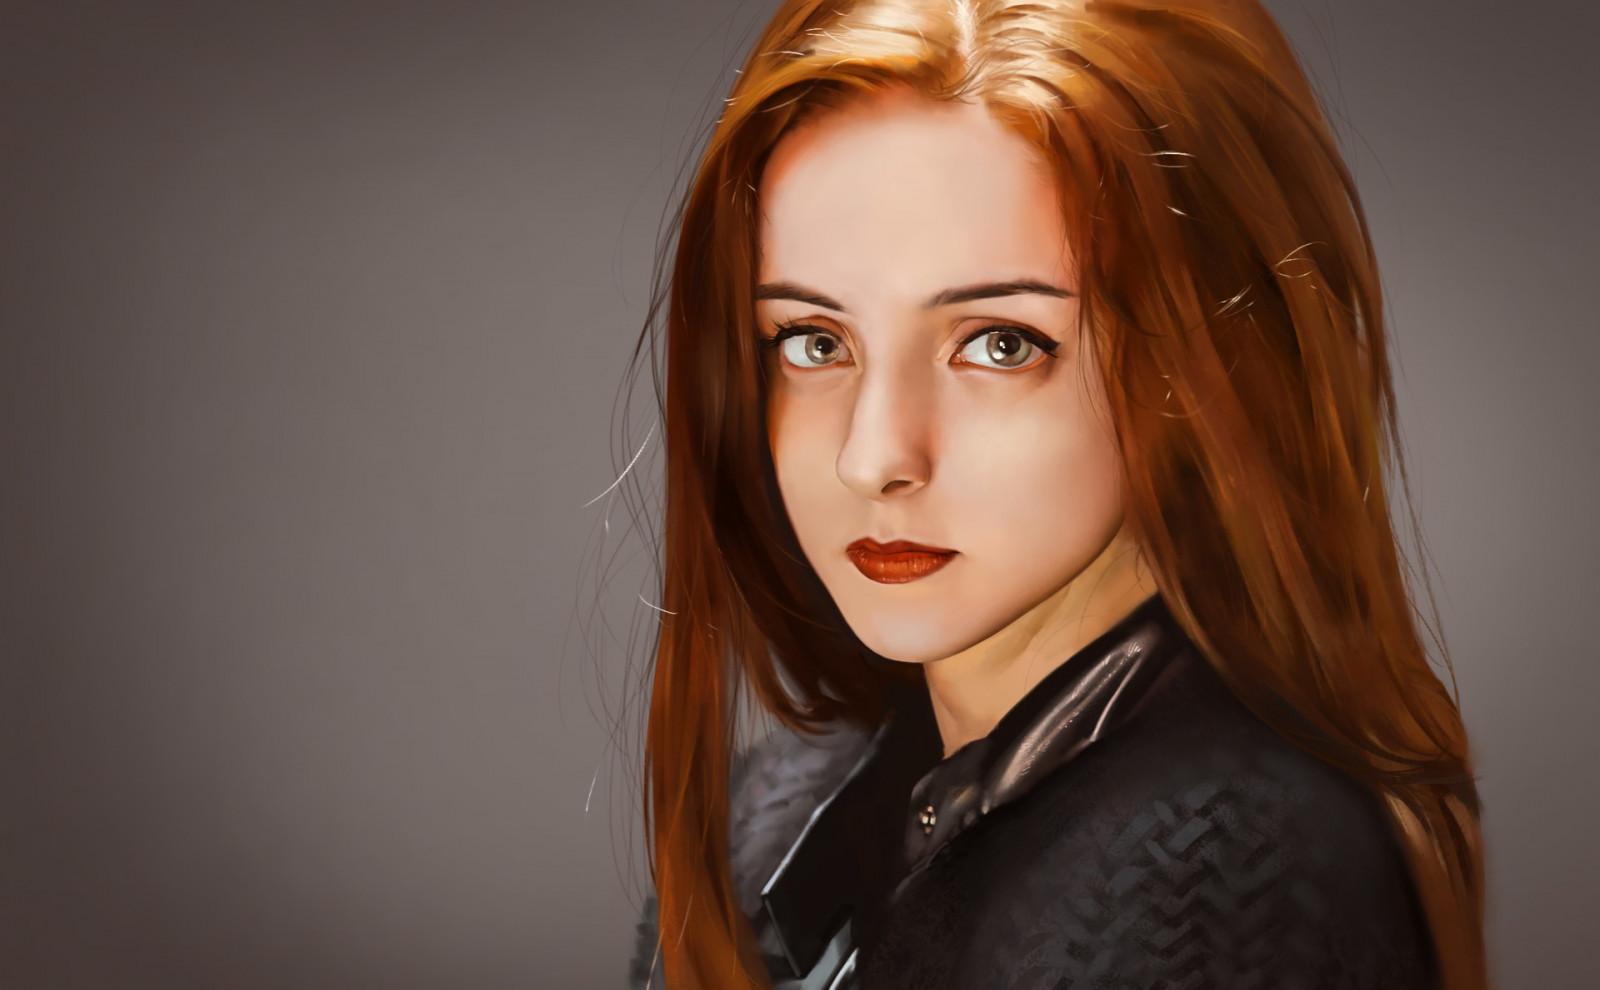 #1031147 women outdoors, women, redhead, model, portrait